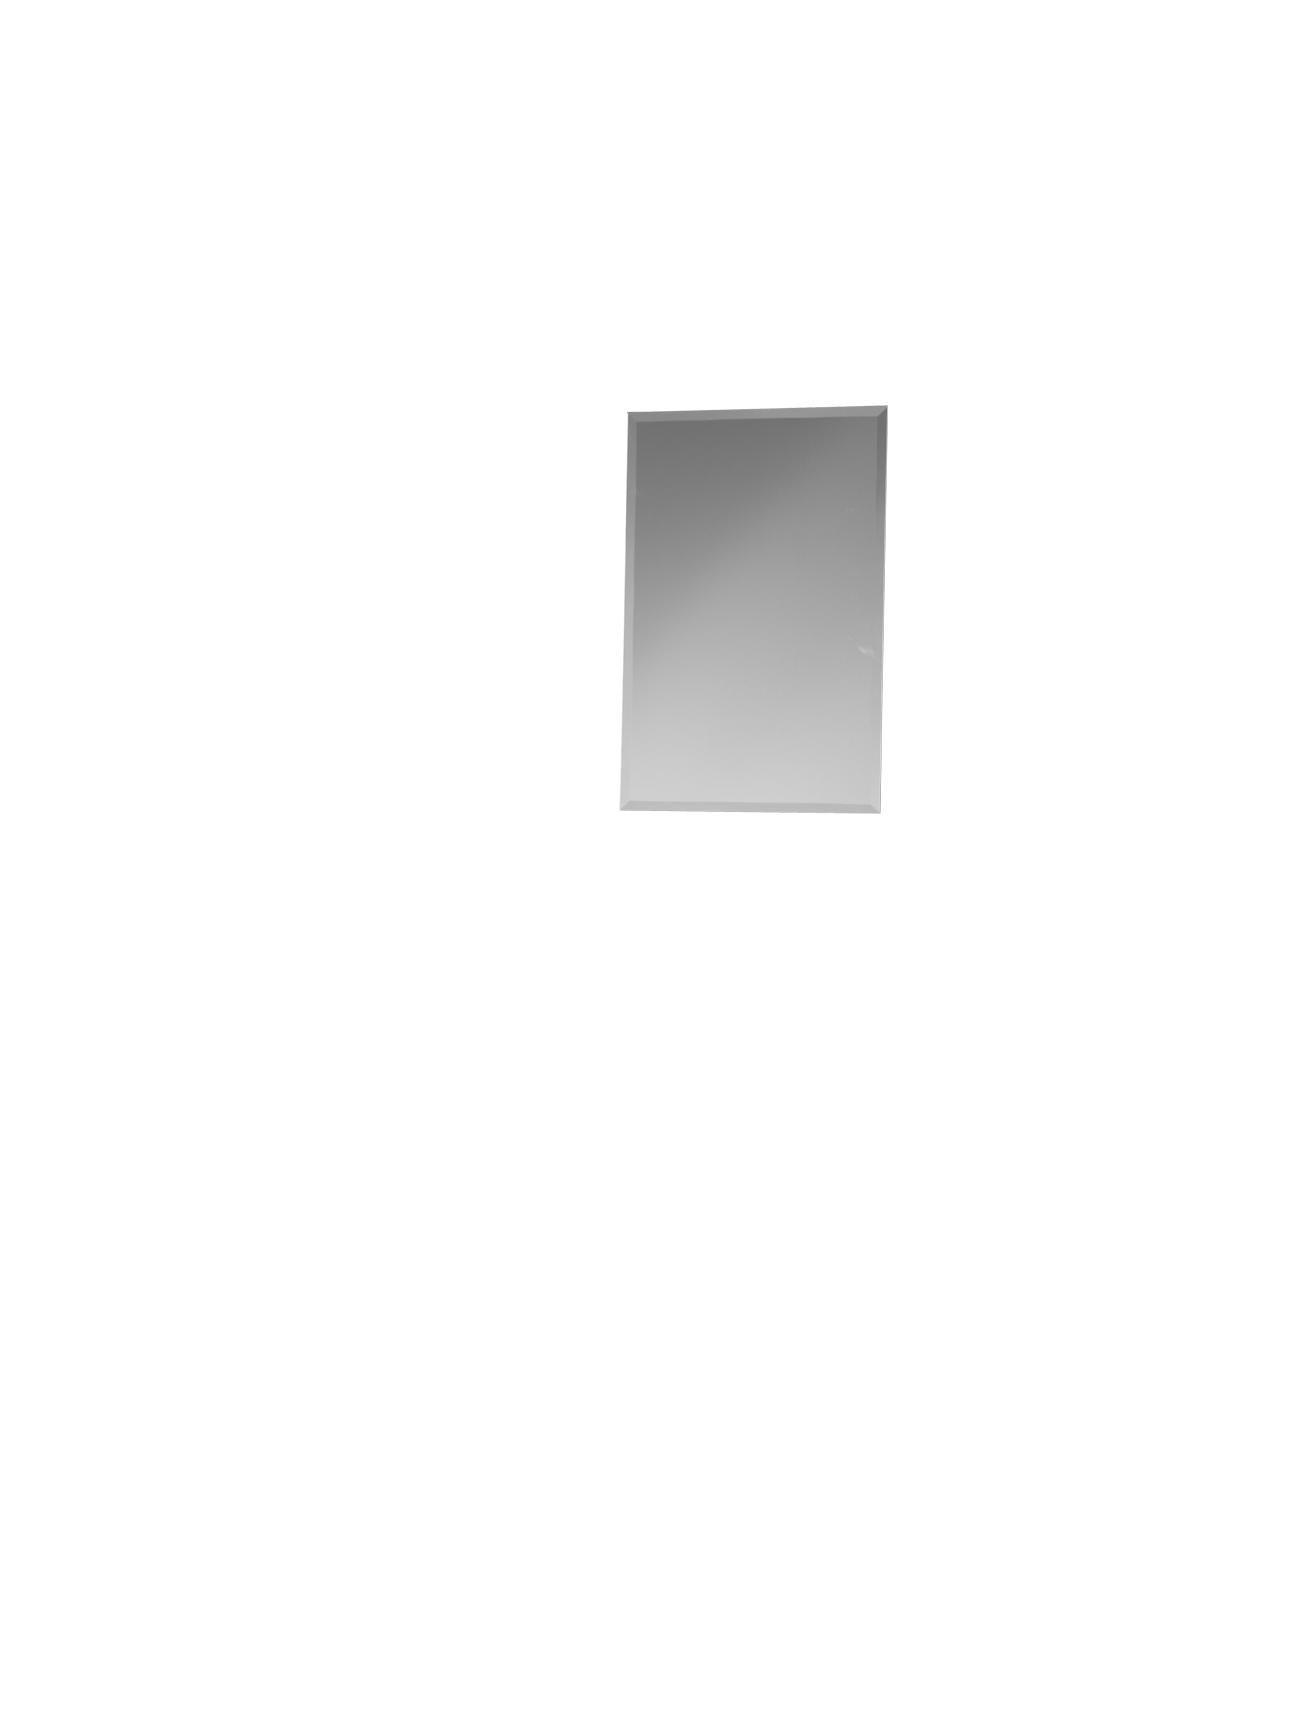 Jokey Facettenspiegel / Spiegelwandelement 4530-F11 45x30cm Bild 1